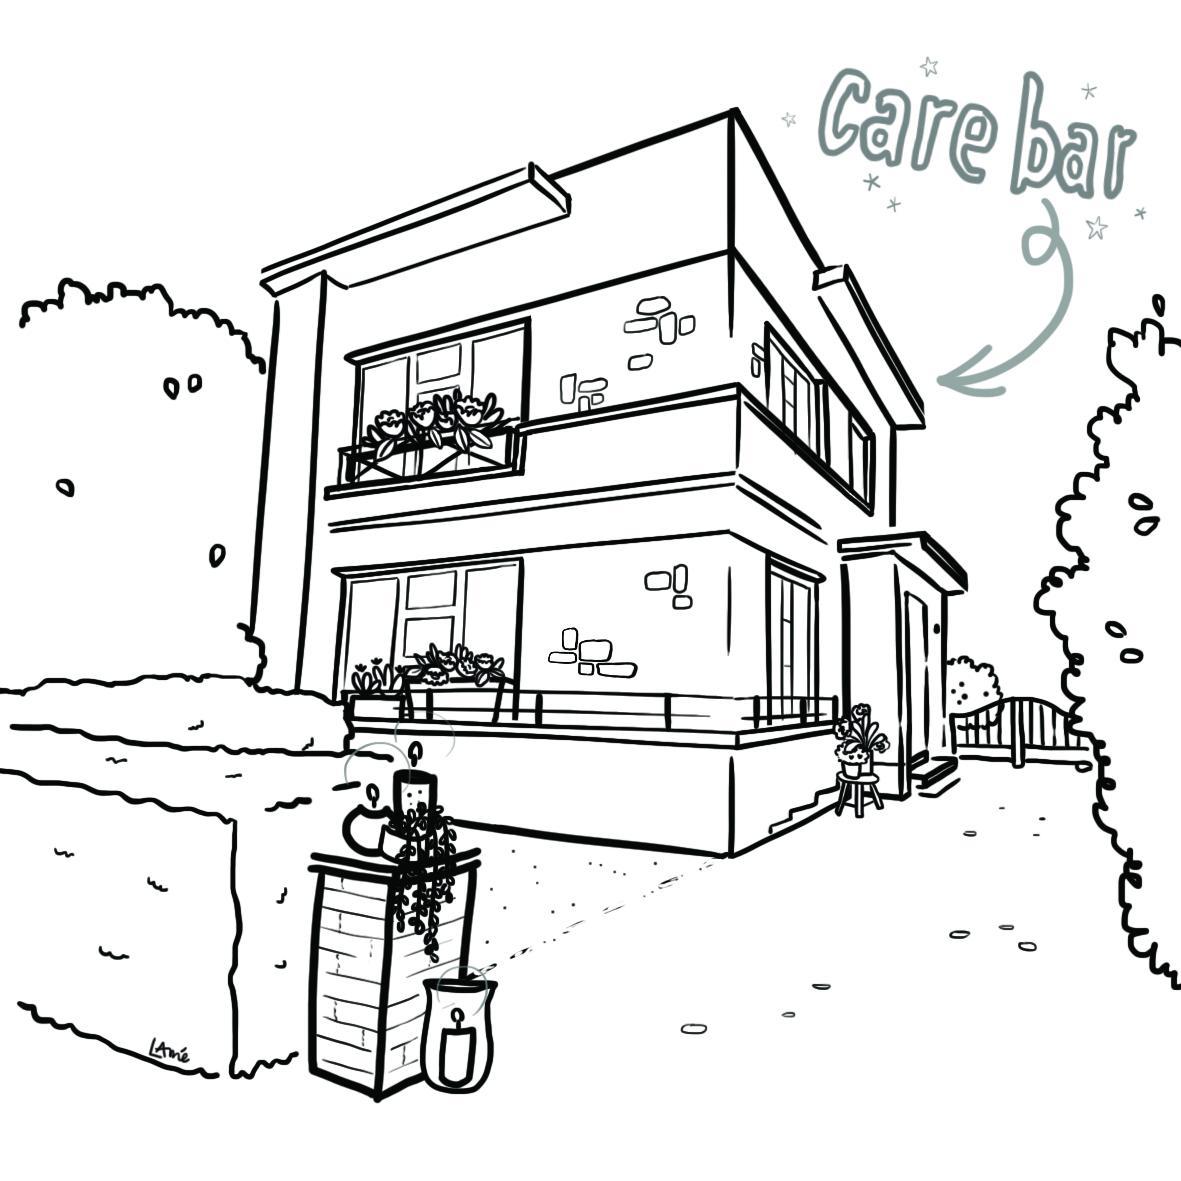 Care Bar